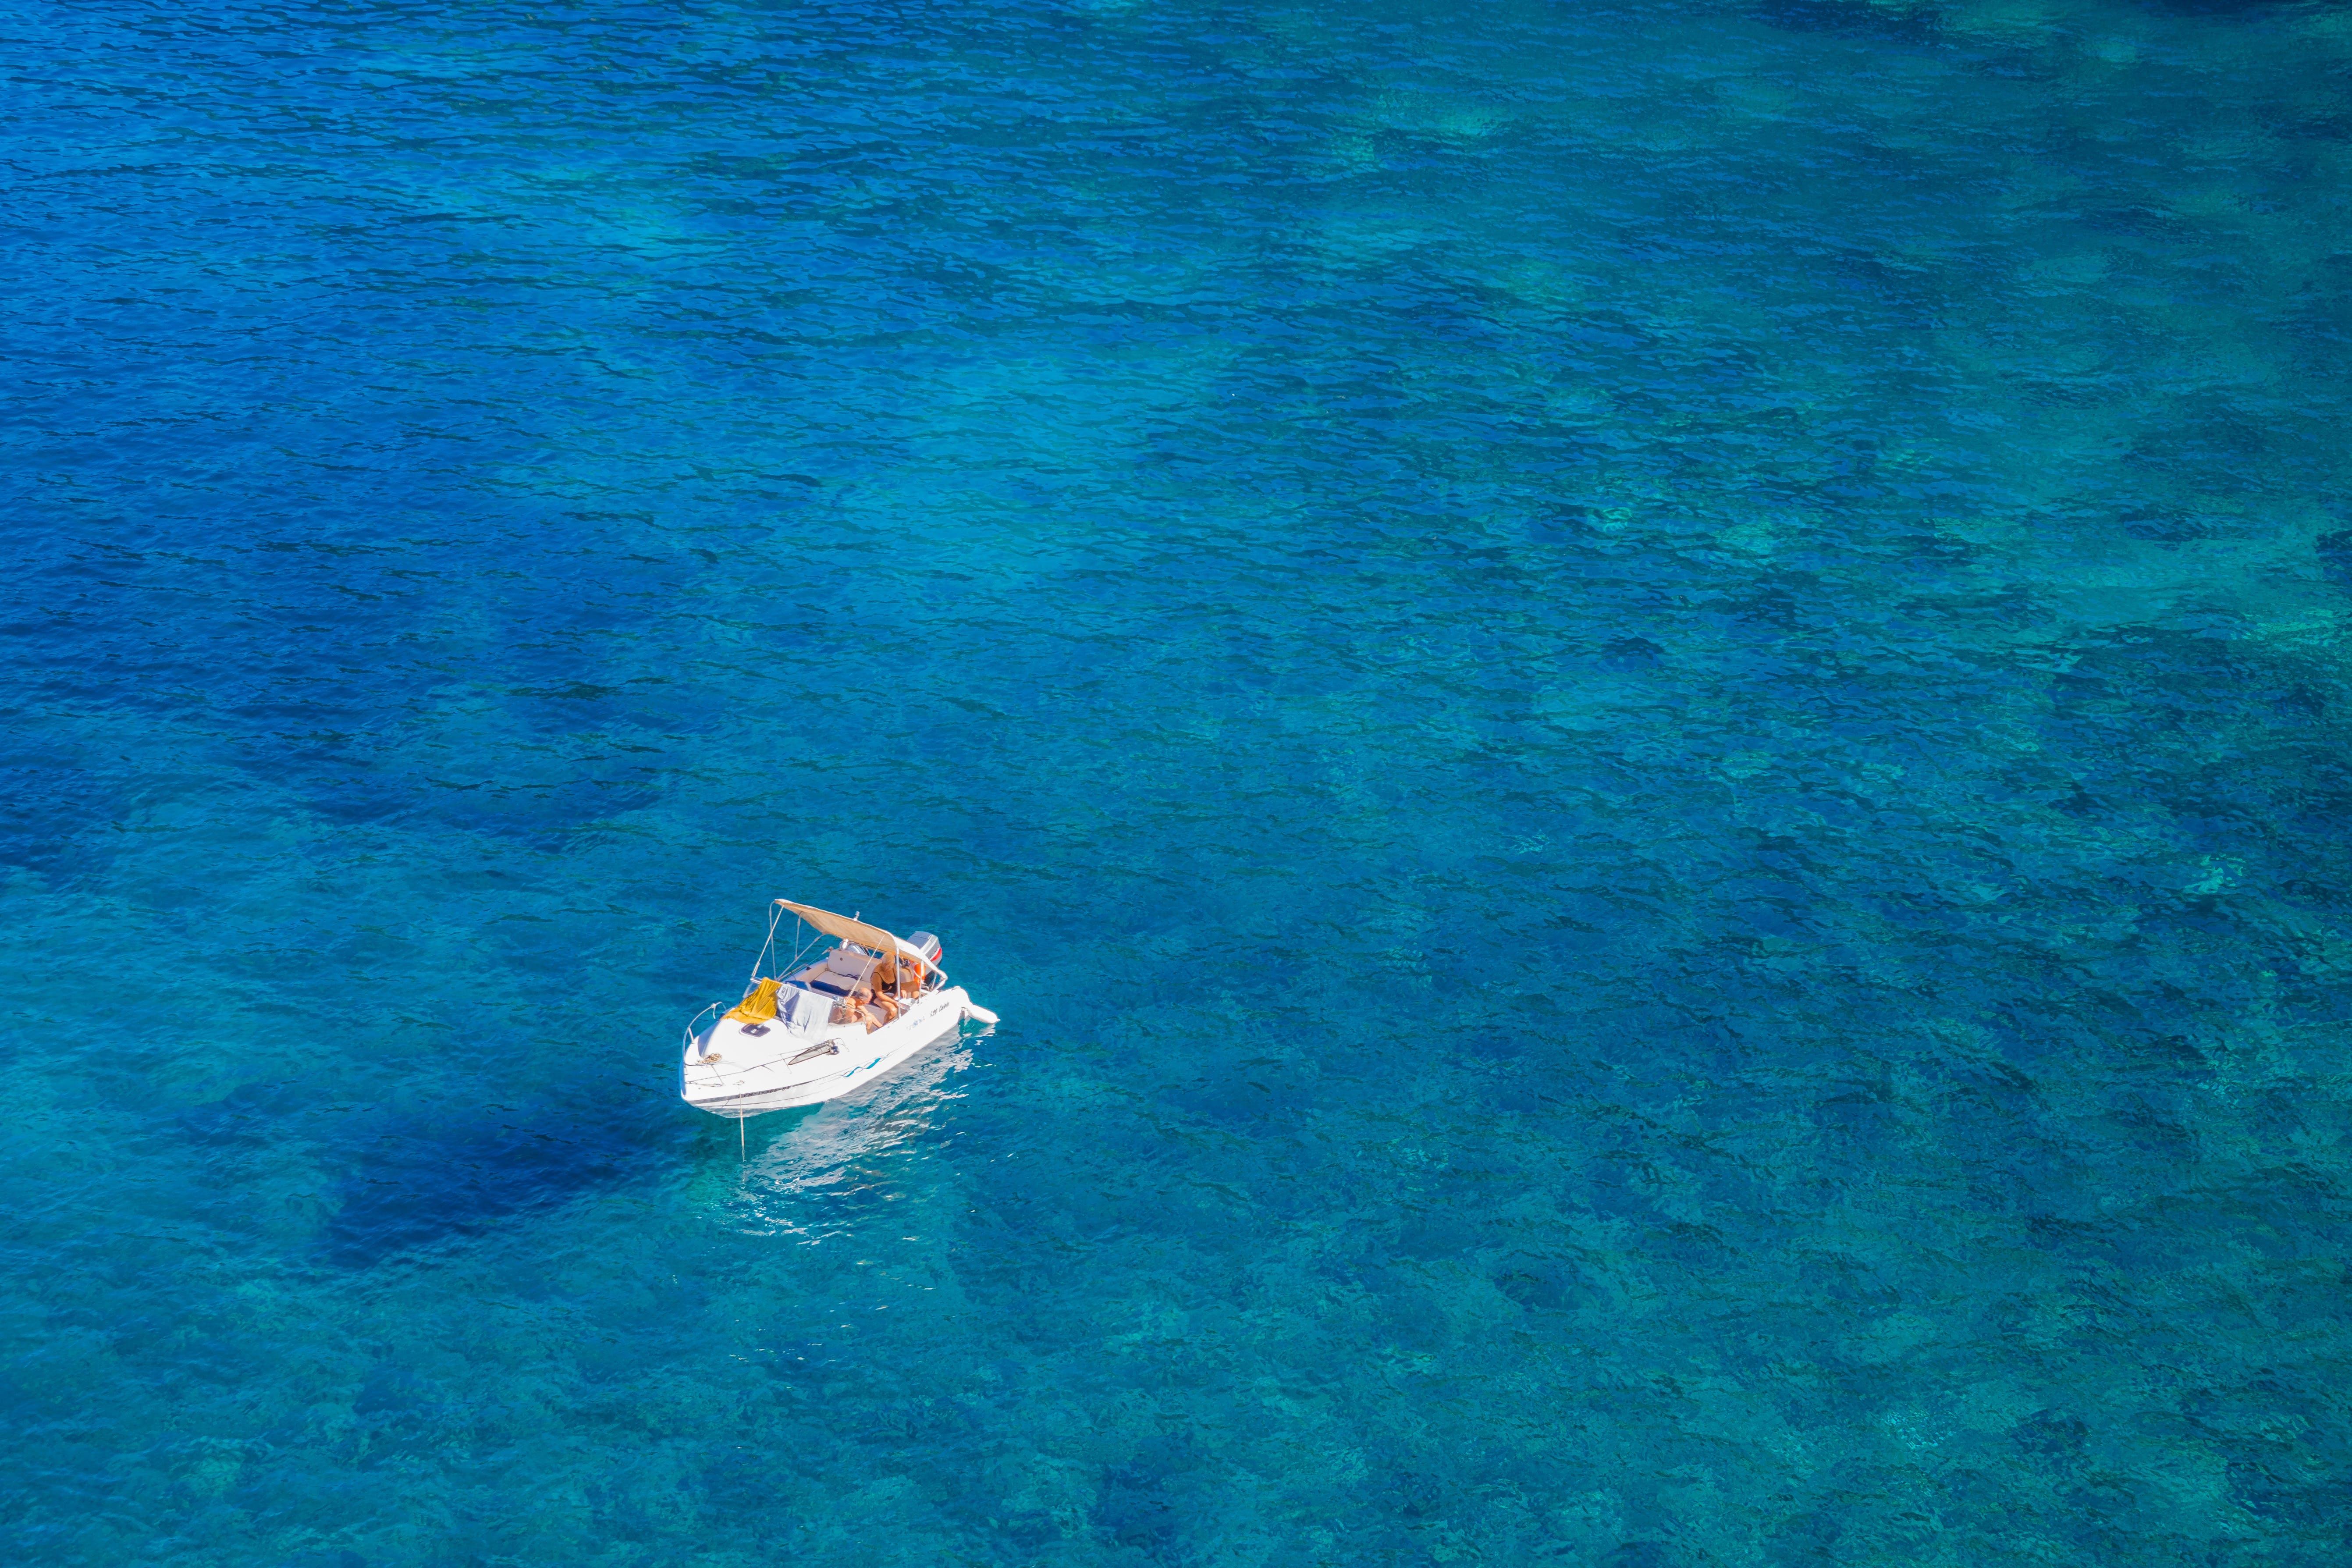 Ảnh lưu trữ miễn phí về biển, cảnh biển, giải trí, kỳ nghỉ